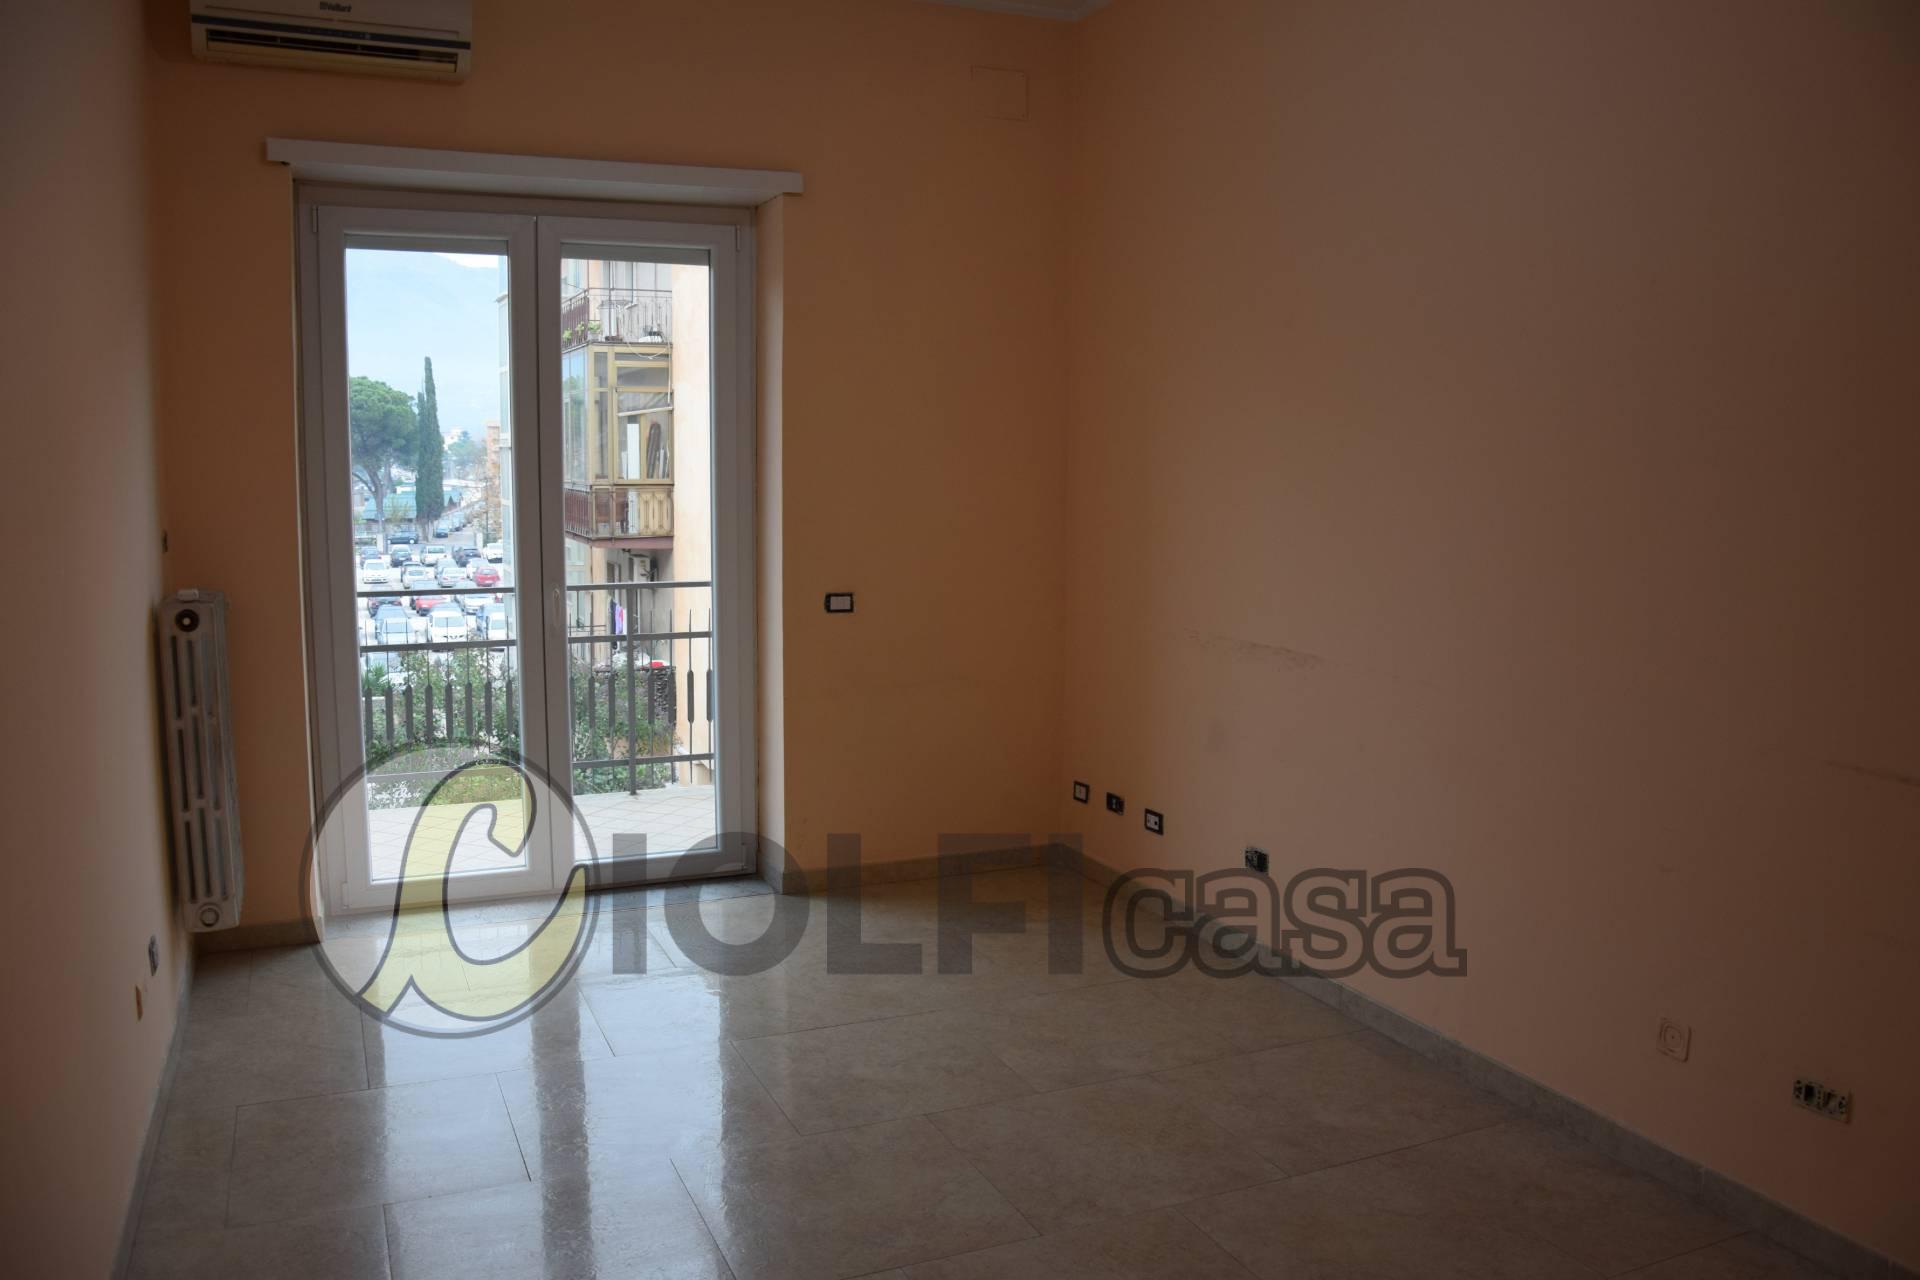 Ufficio / Studio in affitto a Cassino, 9999 locali, zona Località: S.Antonio, prezzo € 200 | CambioCasa.it